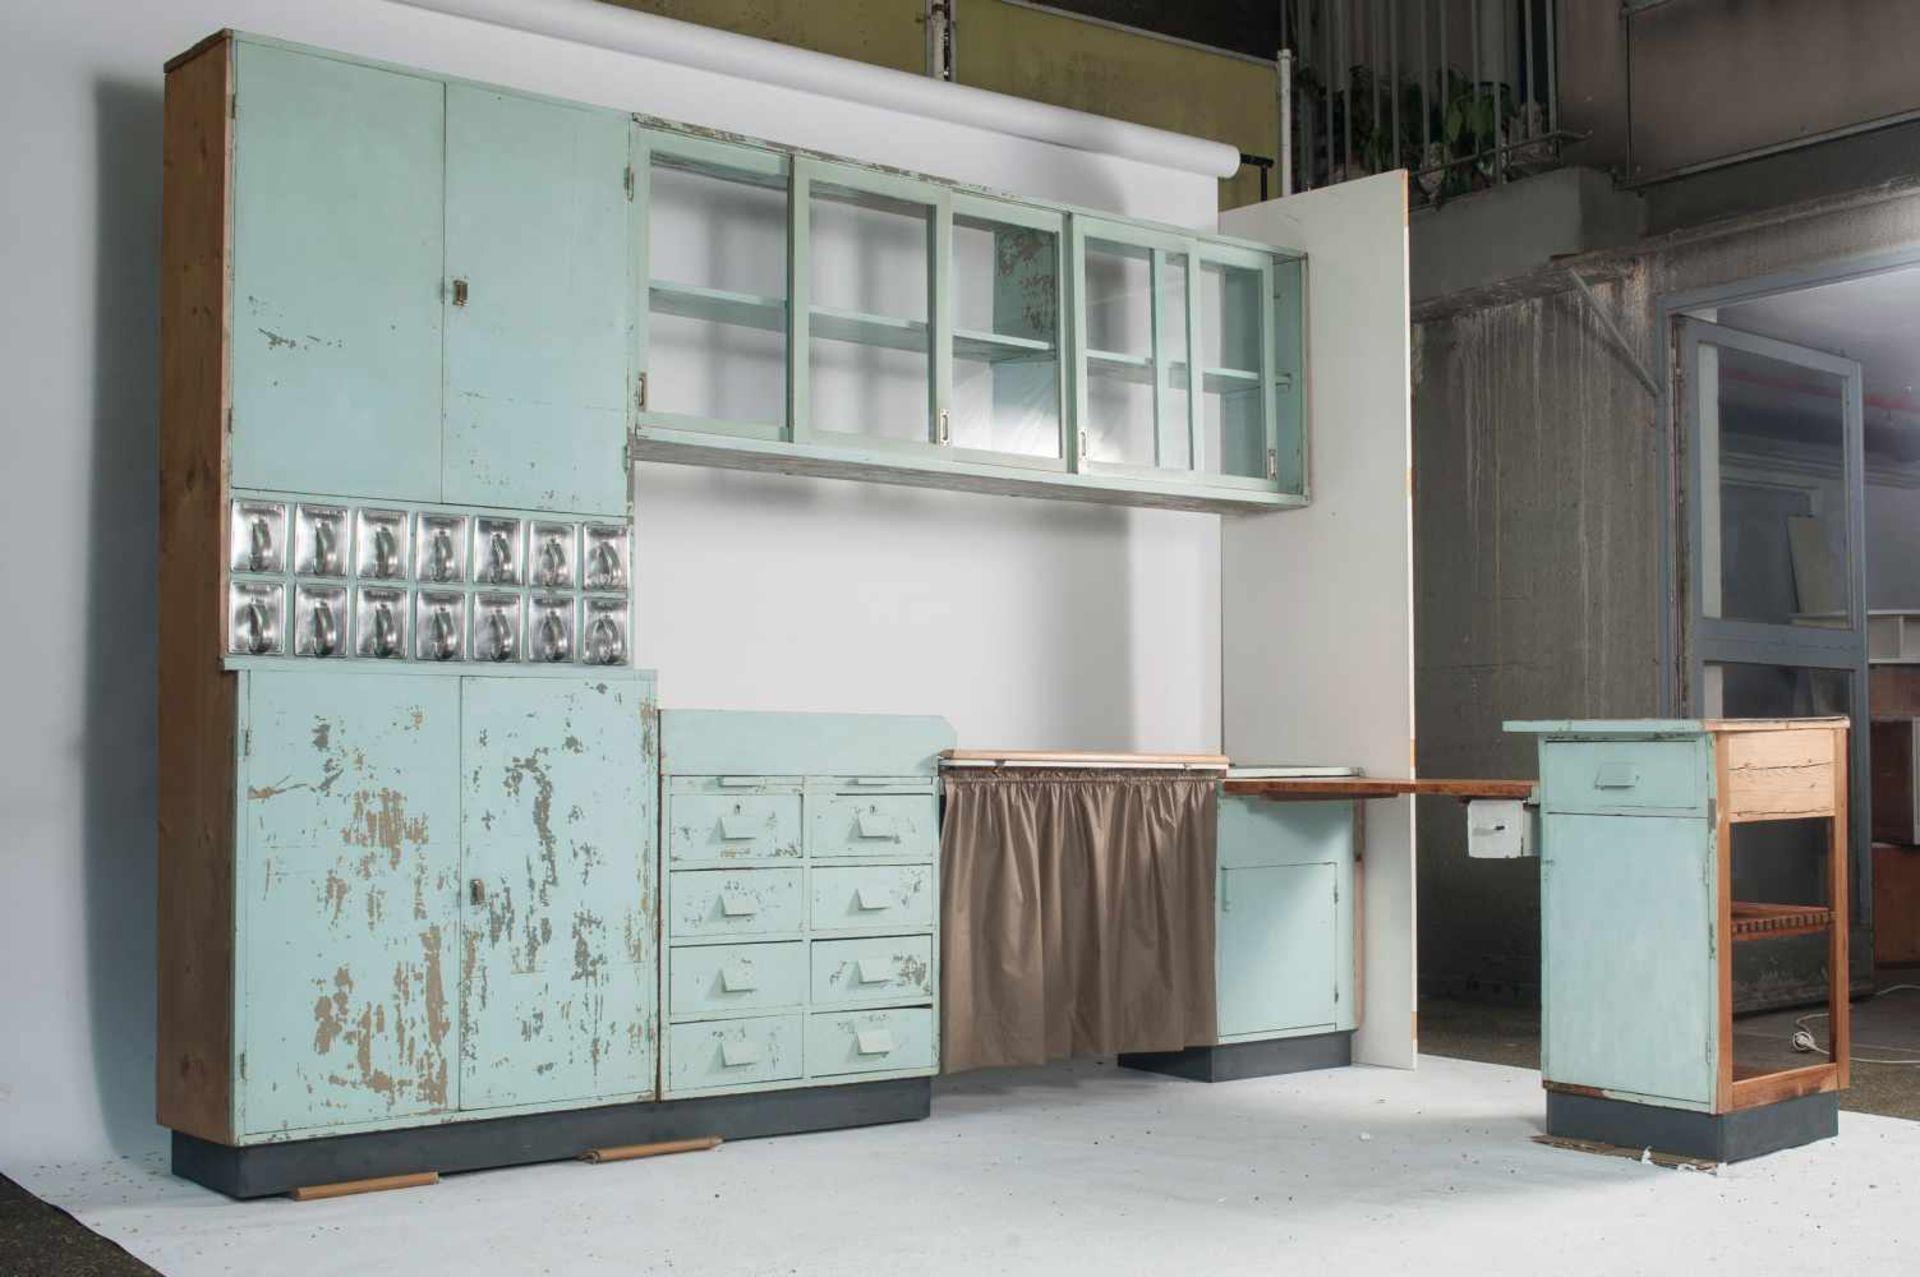 Margarete Schütte-Lihotzky'Frankfurter Küche' aus der Ernst-May Siedlung, Frankfurt Niederrad, - Bild 7 aus 20